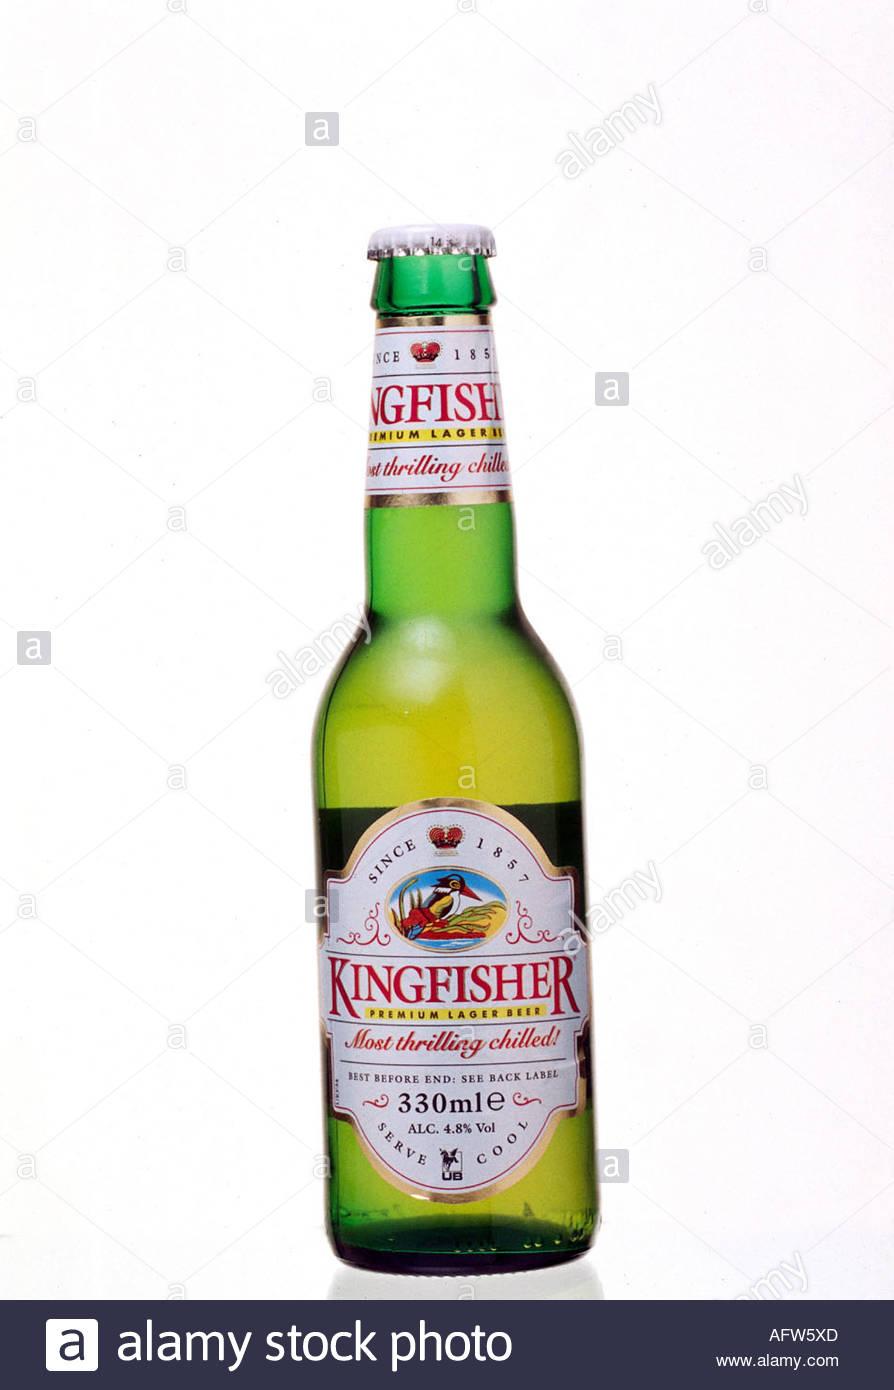 u0027food and beverages, alcohol, beer, bottle u0027Kingfisher Premium Lager Beeru0027 - Beer Bottle PNG HD